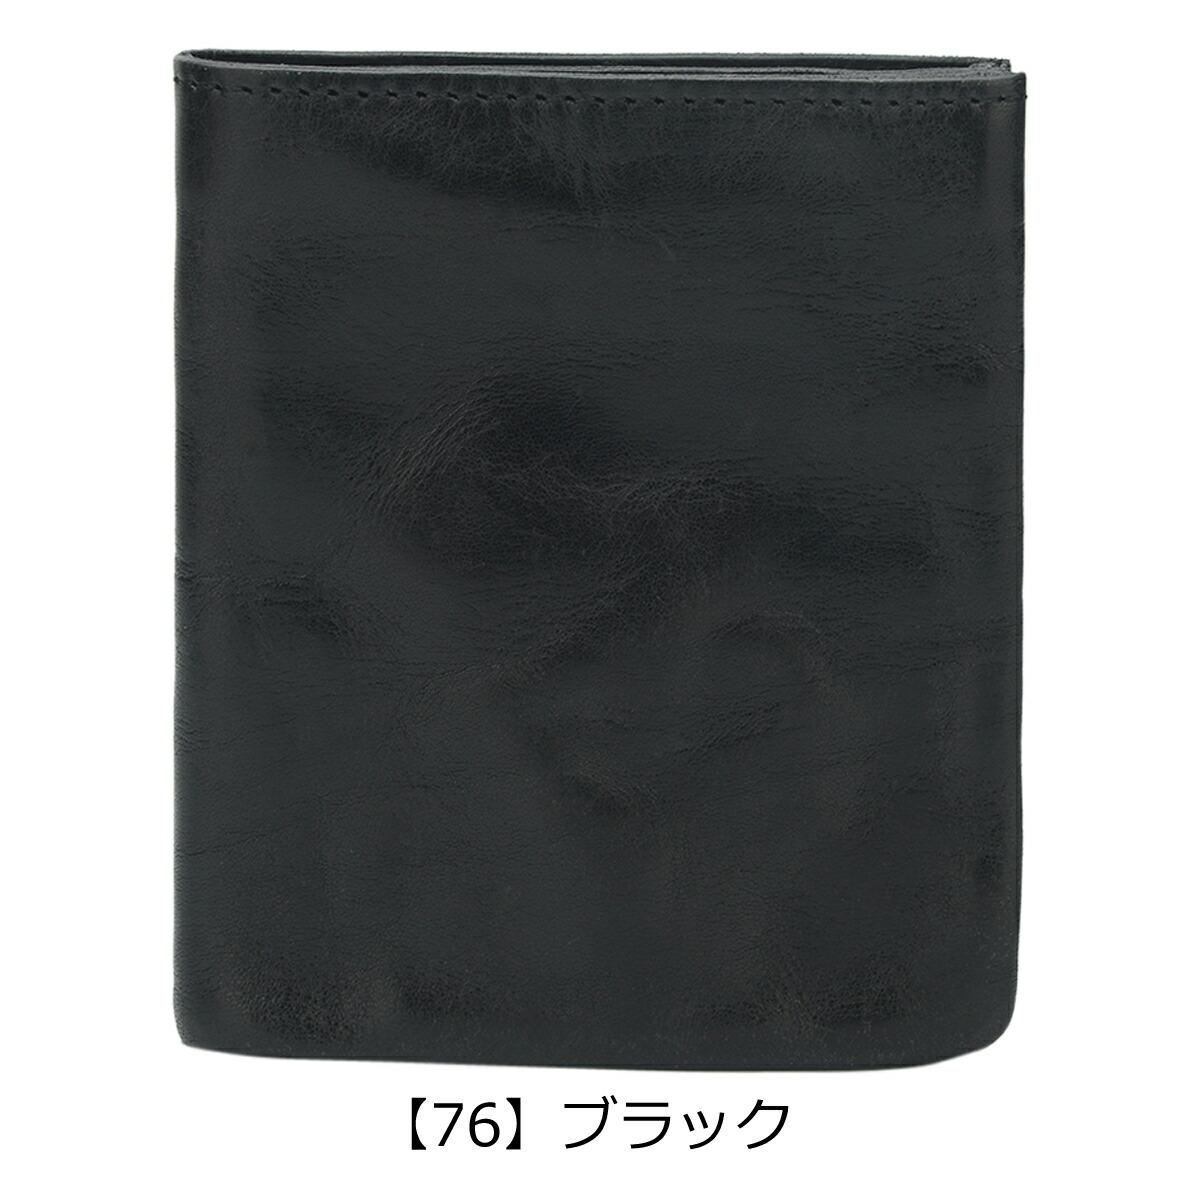 【76】ブラック